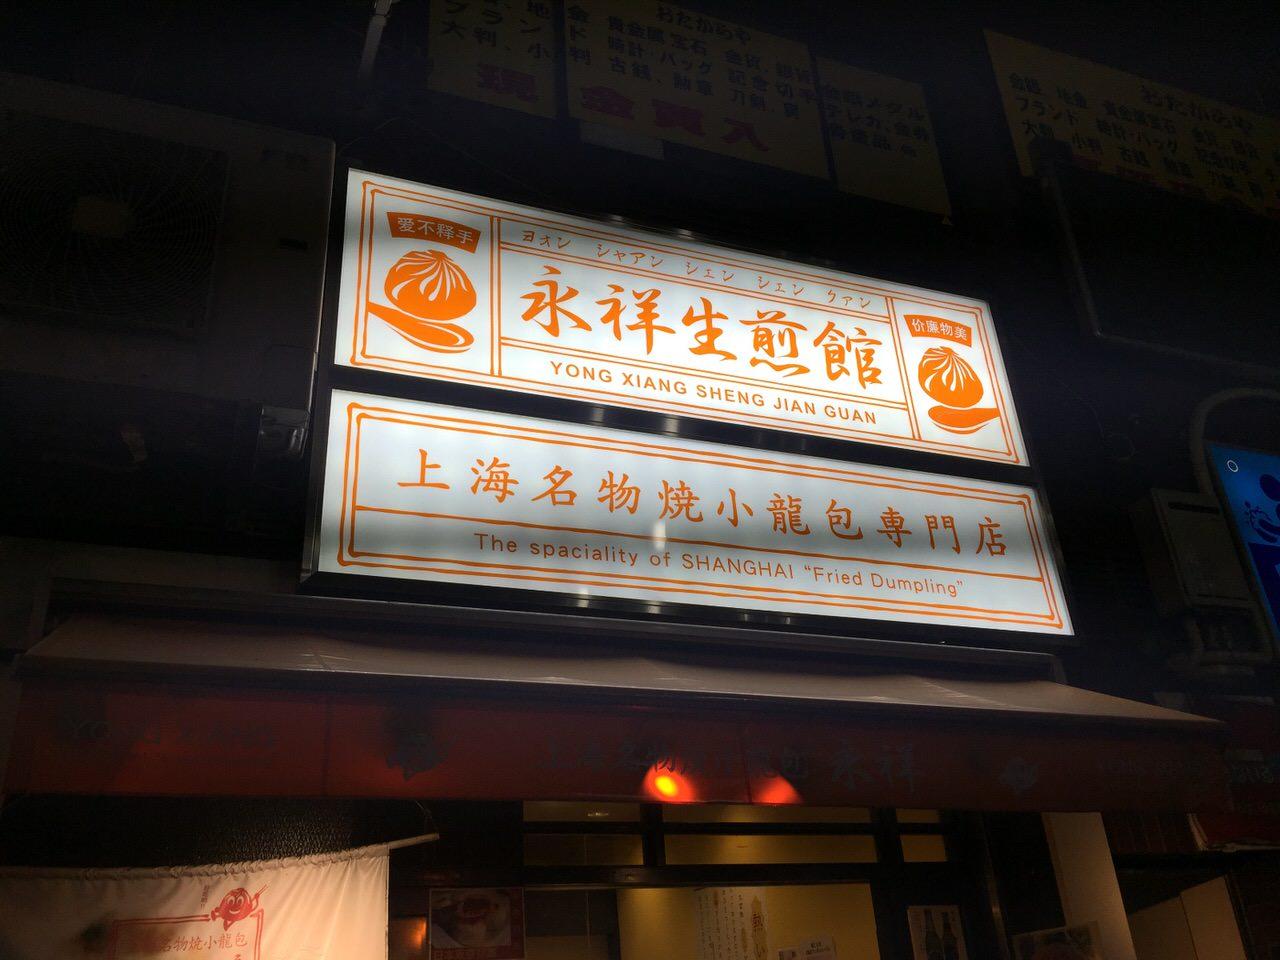 「永祥生煎館 池袋店」焼き小龍包専門店